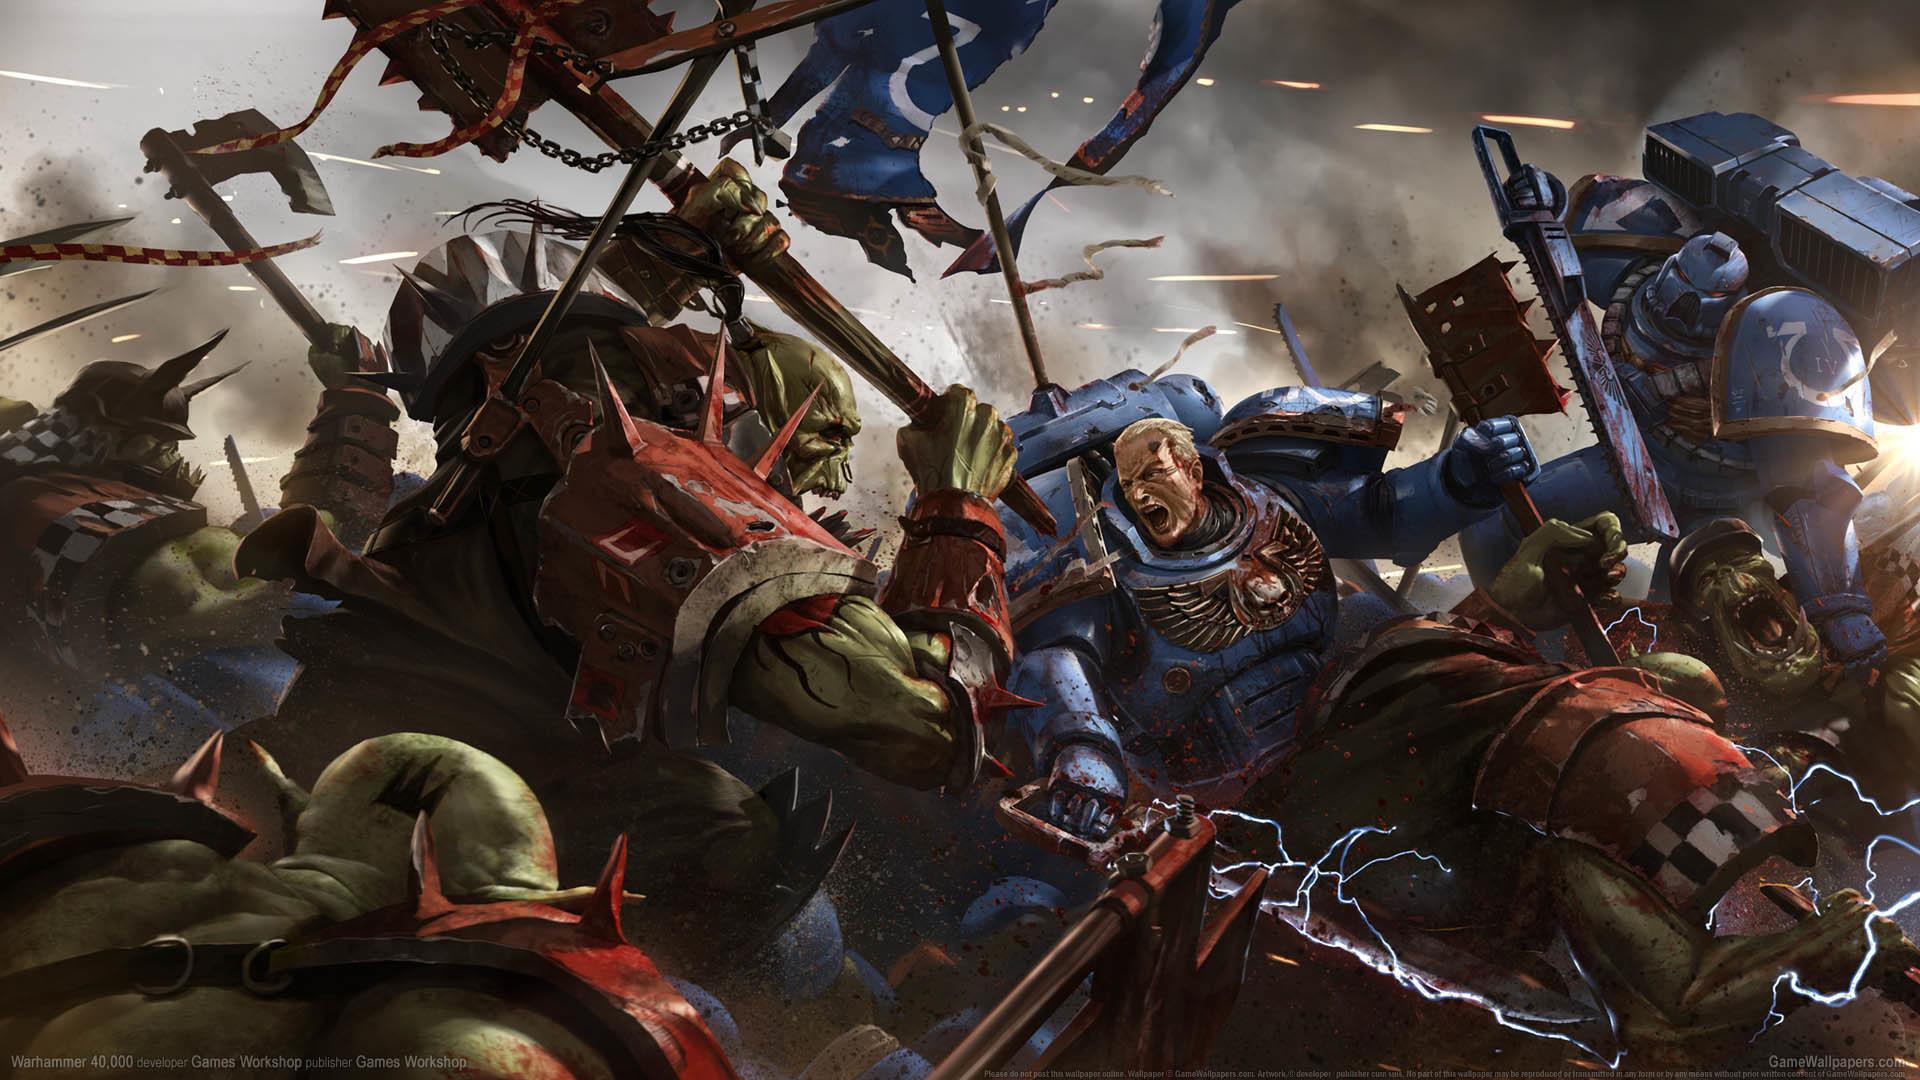 Warhammer 40,000 wallpaper or background Warhammer 40,000 wallpaper or  background 01